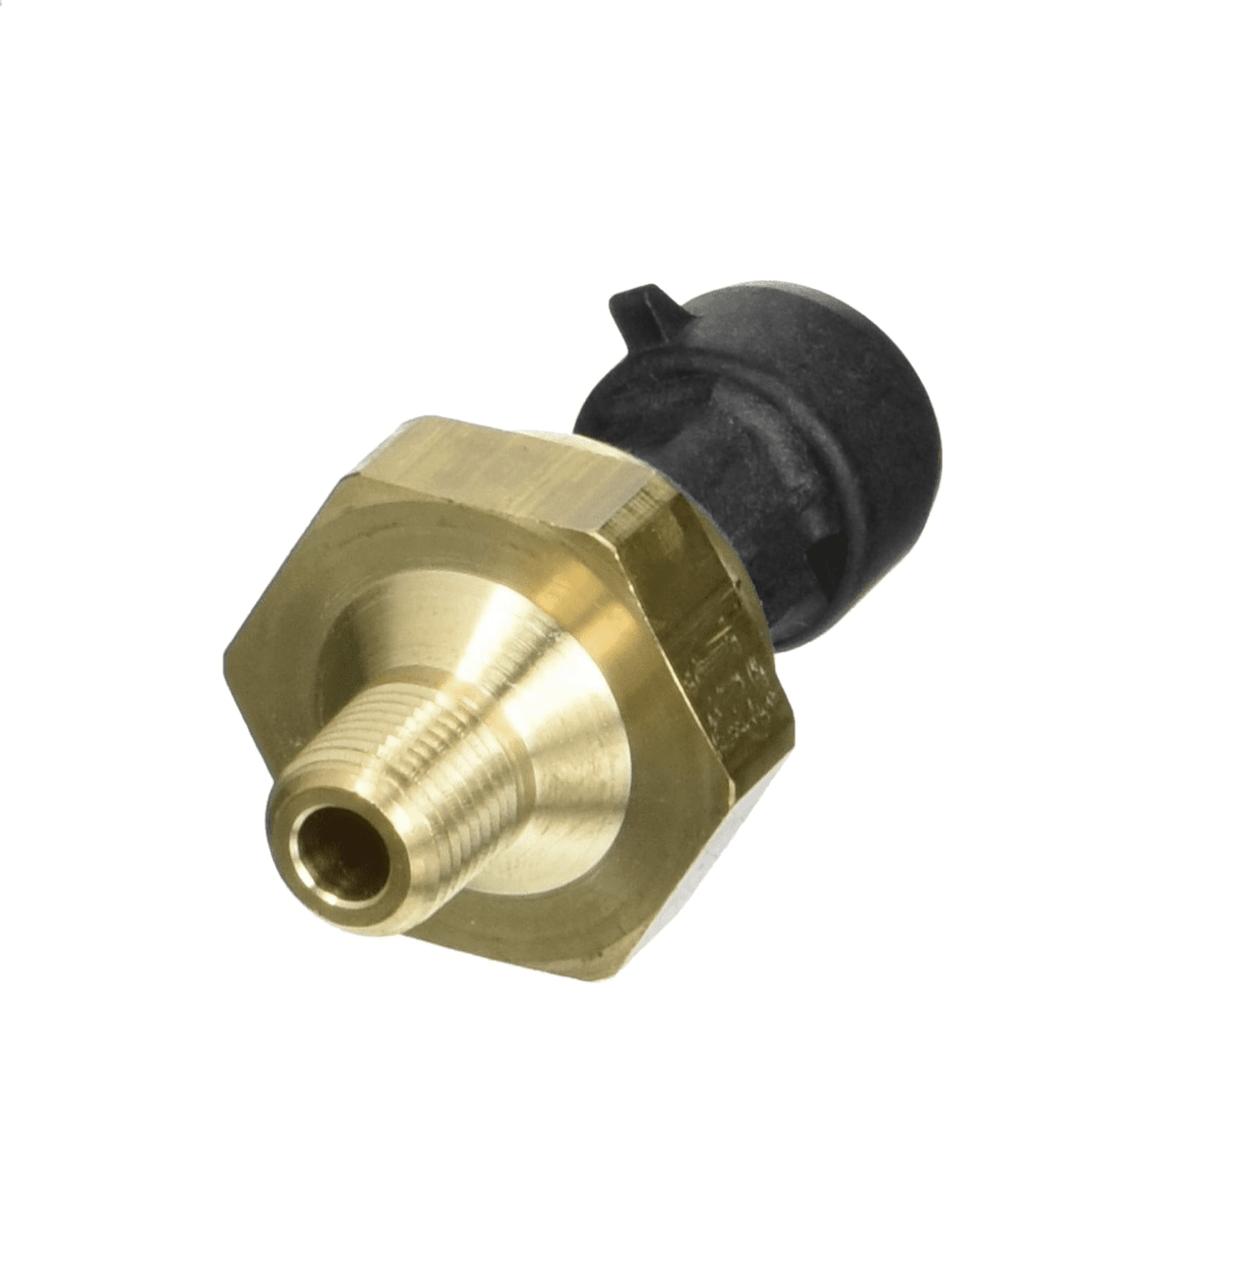 exhaust back pressure sensor ebp 94 96